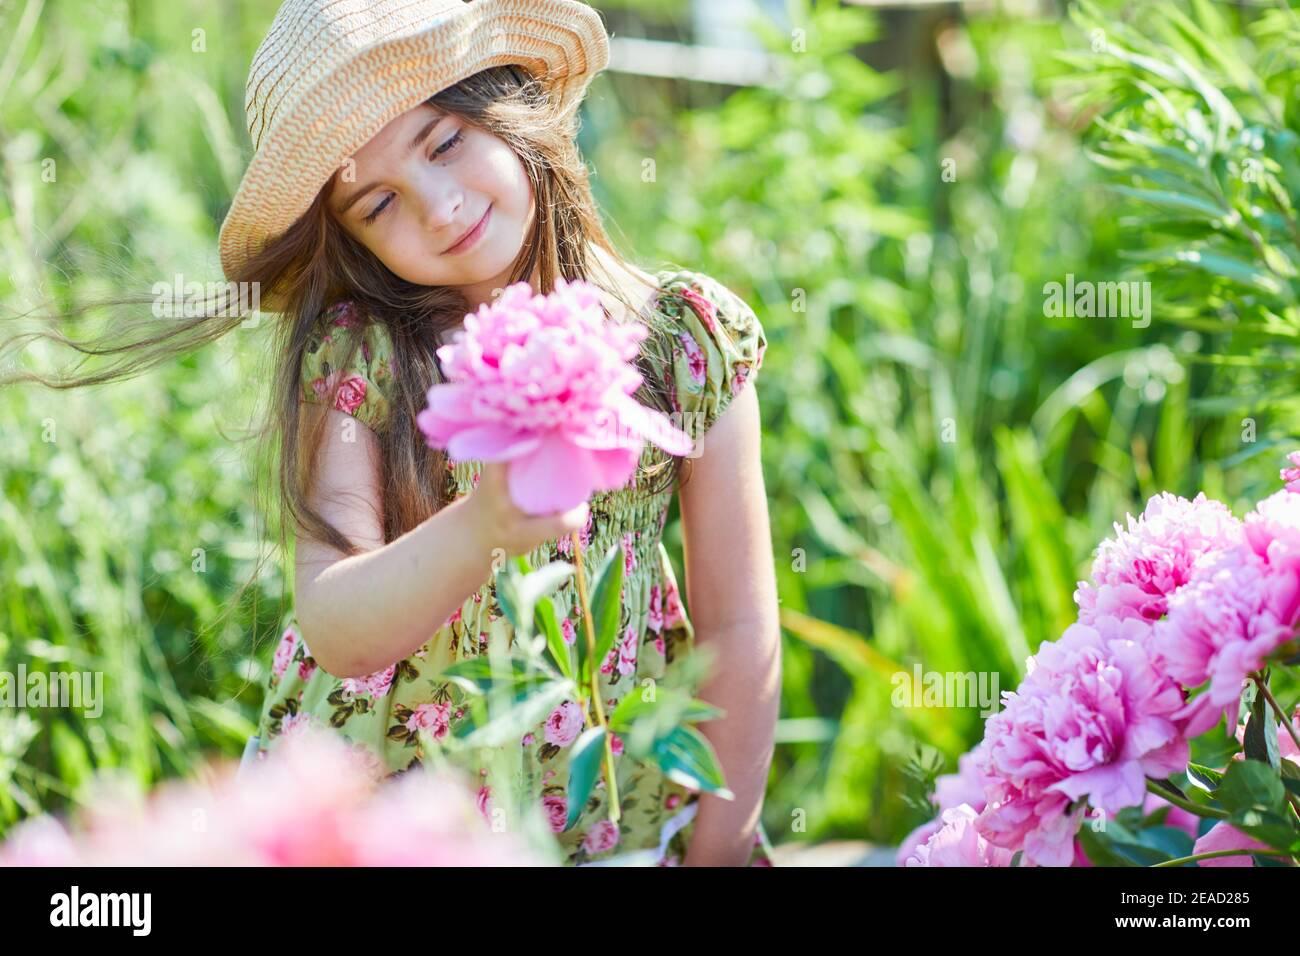 Hermosa niña está sosteniendo una peonía rosa en un día soleado en el jardín. Bonita chica lleva un vestido de verano con patrón de moda y sombrero de paja Foto de stock